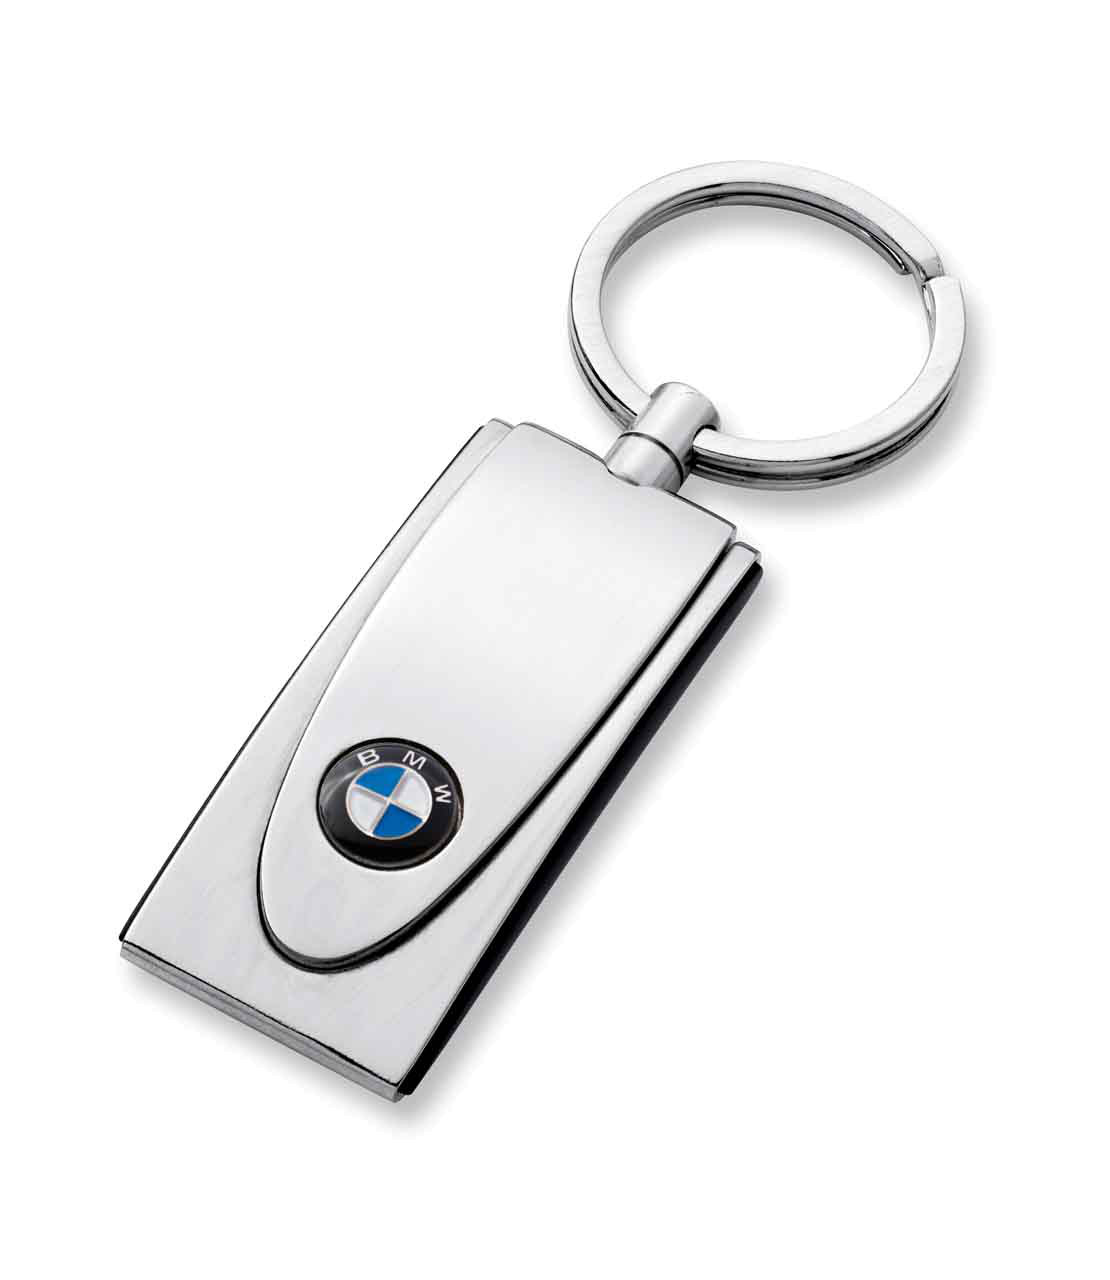 BMW Schlüsselanhänger Design